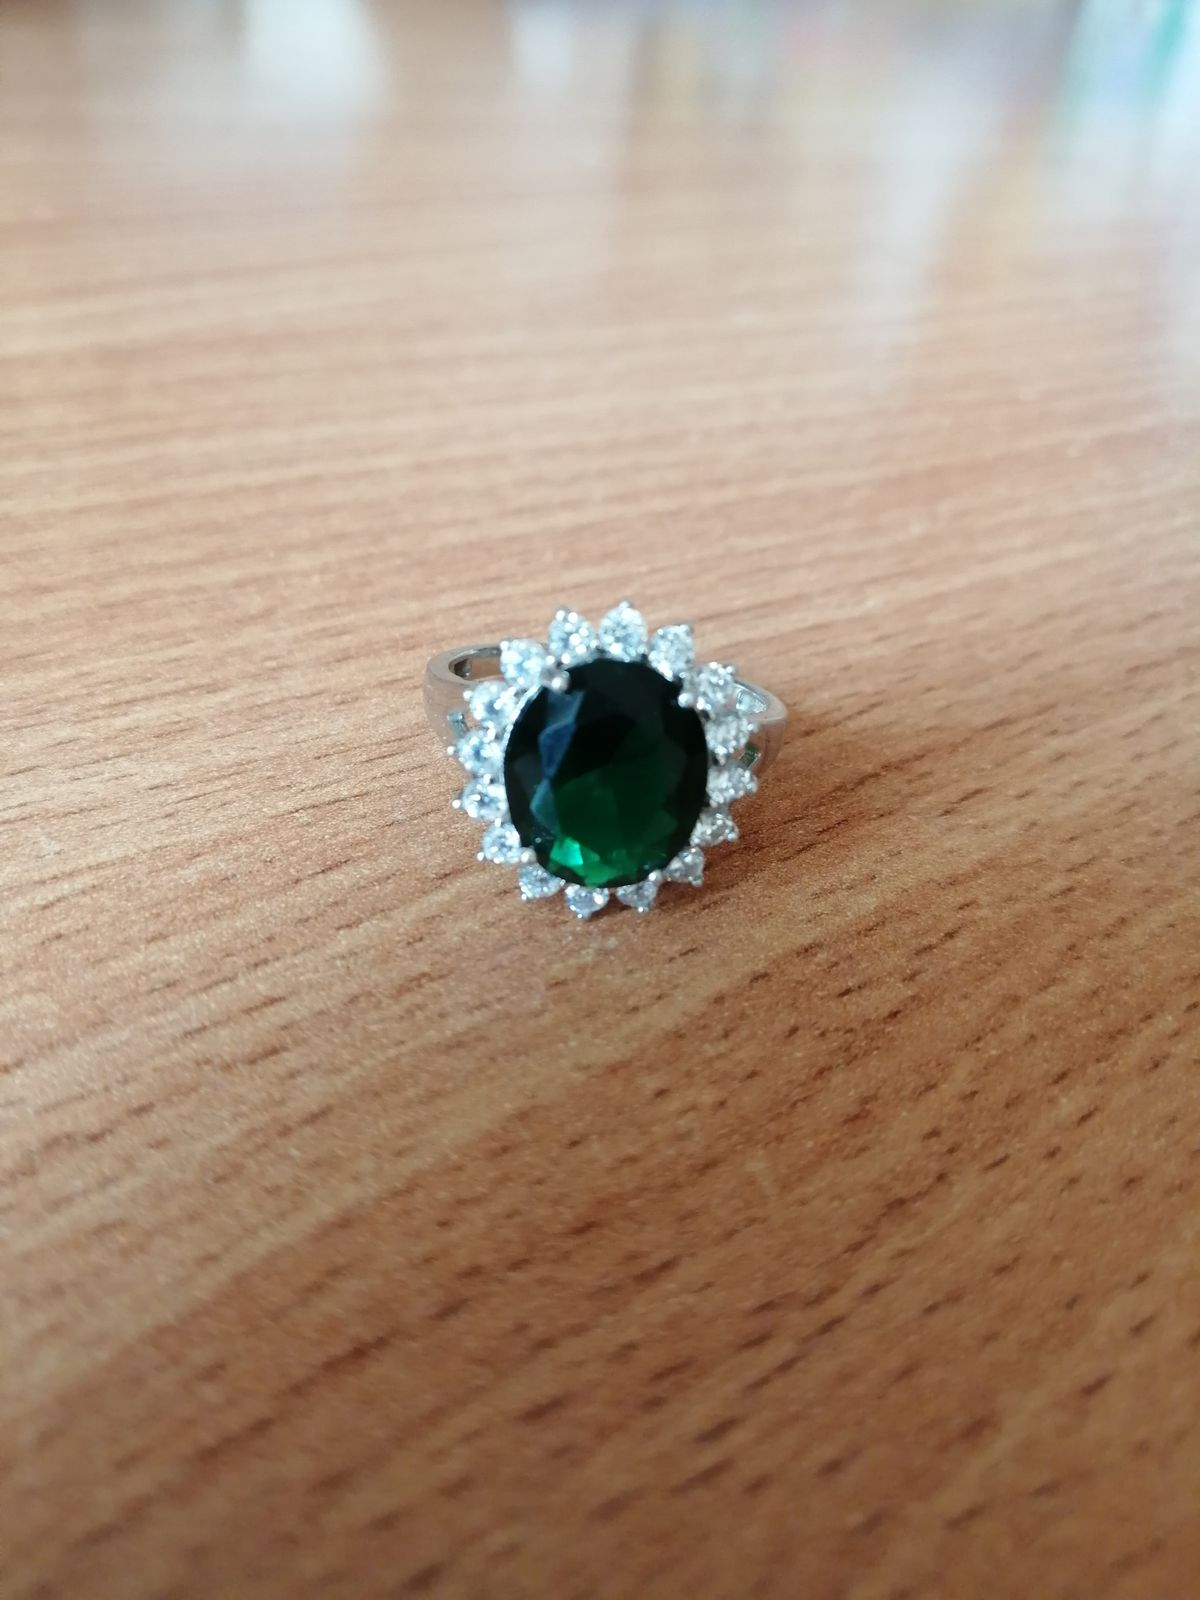 Кольцо почти как у принцессы дианы! красивое и элегантное!